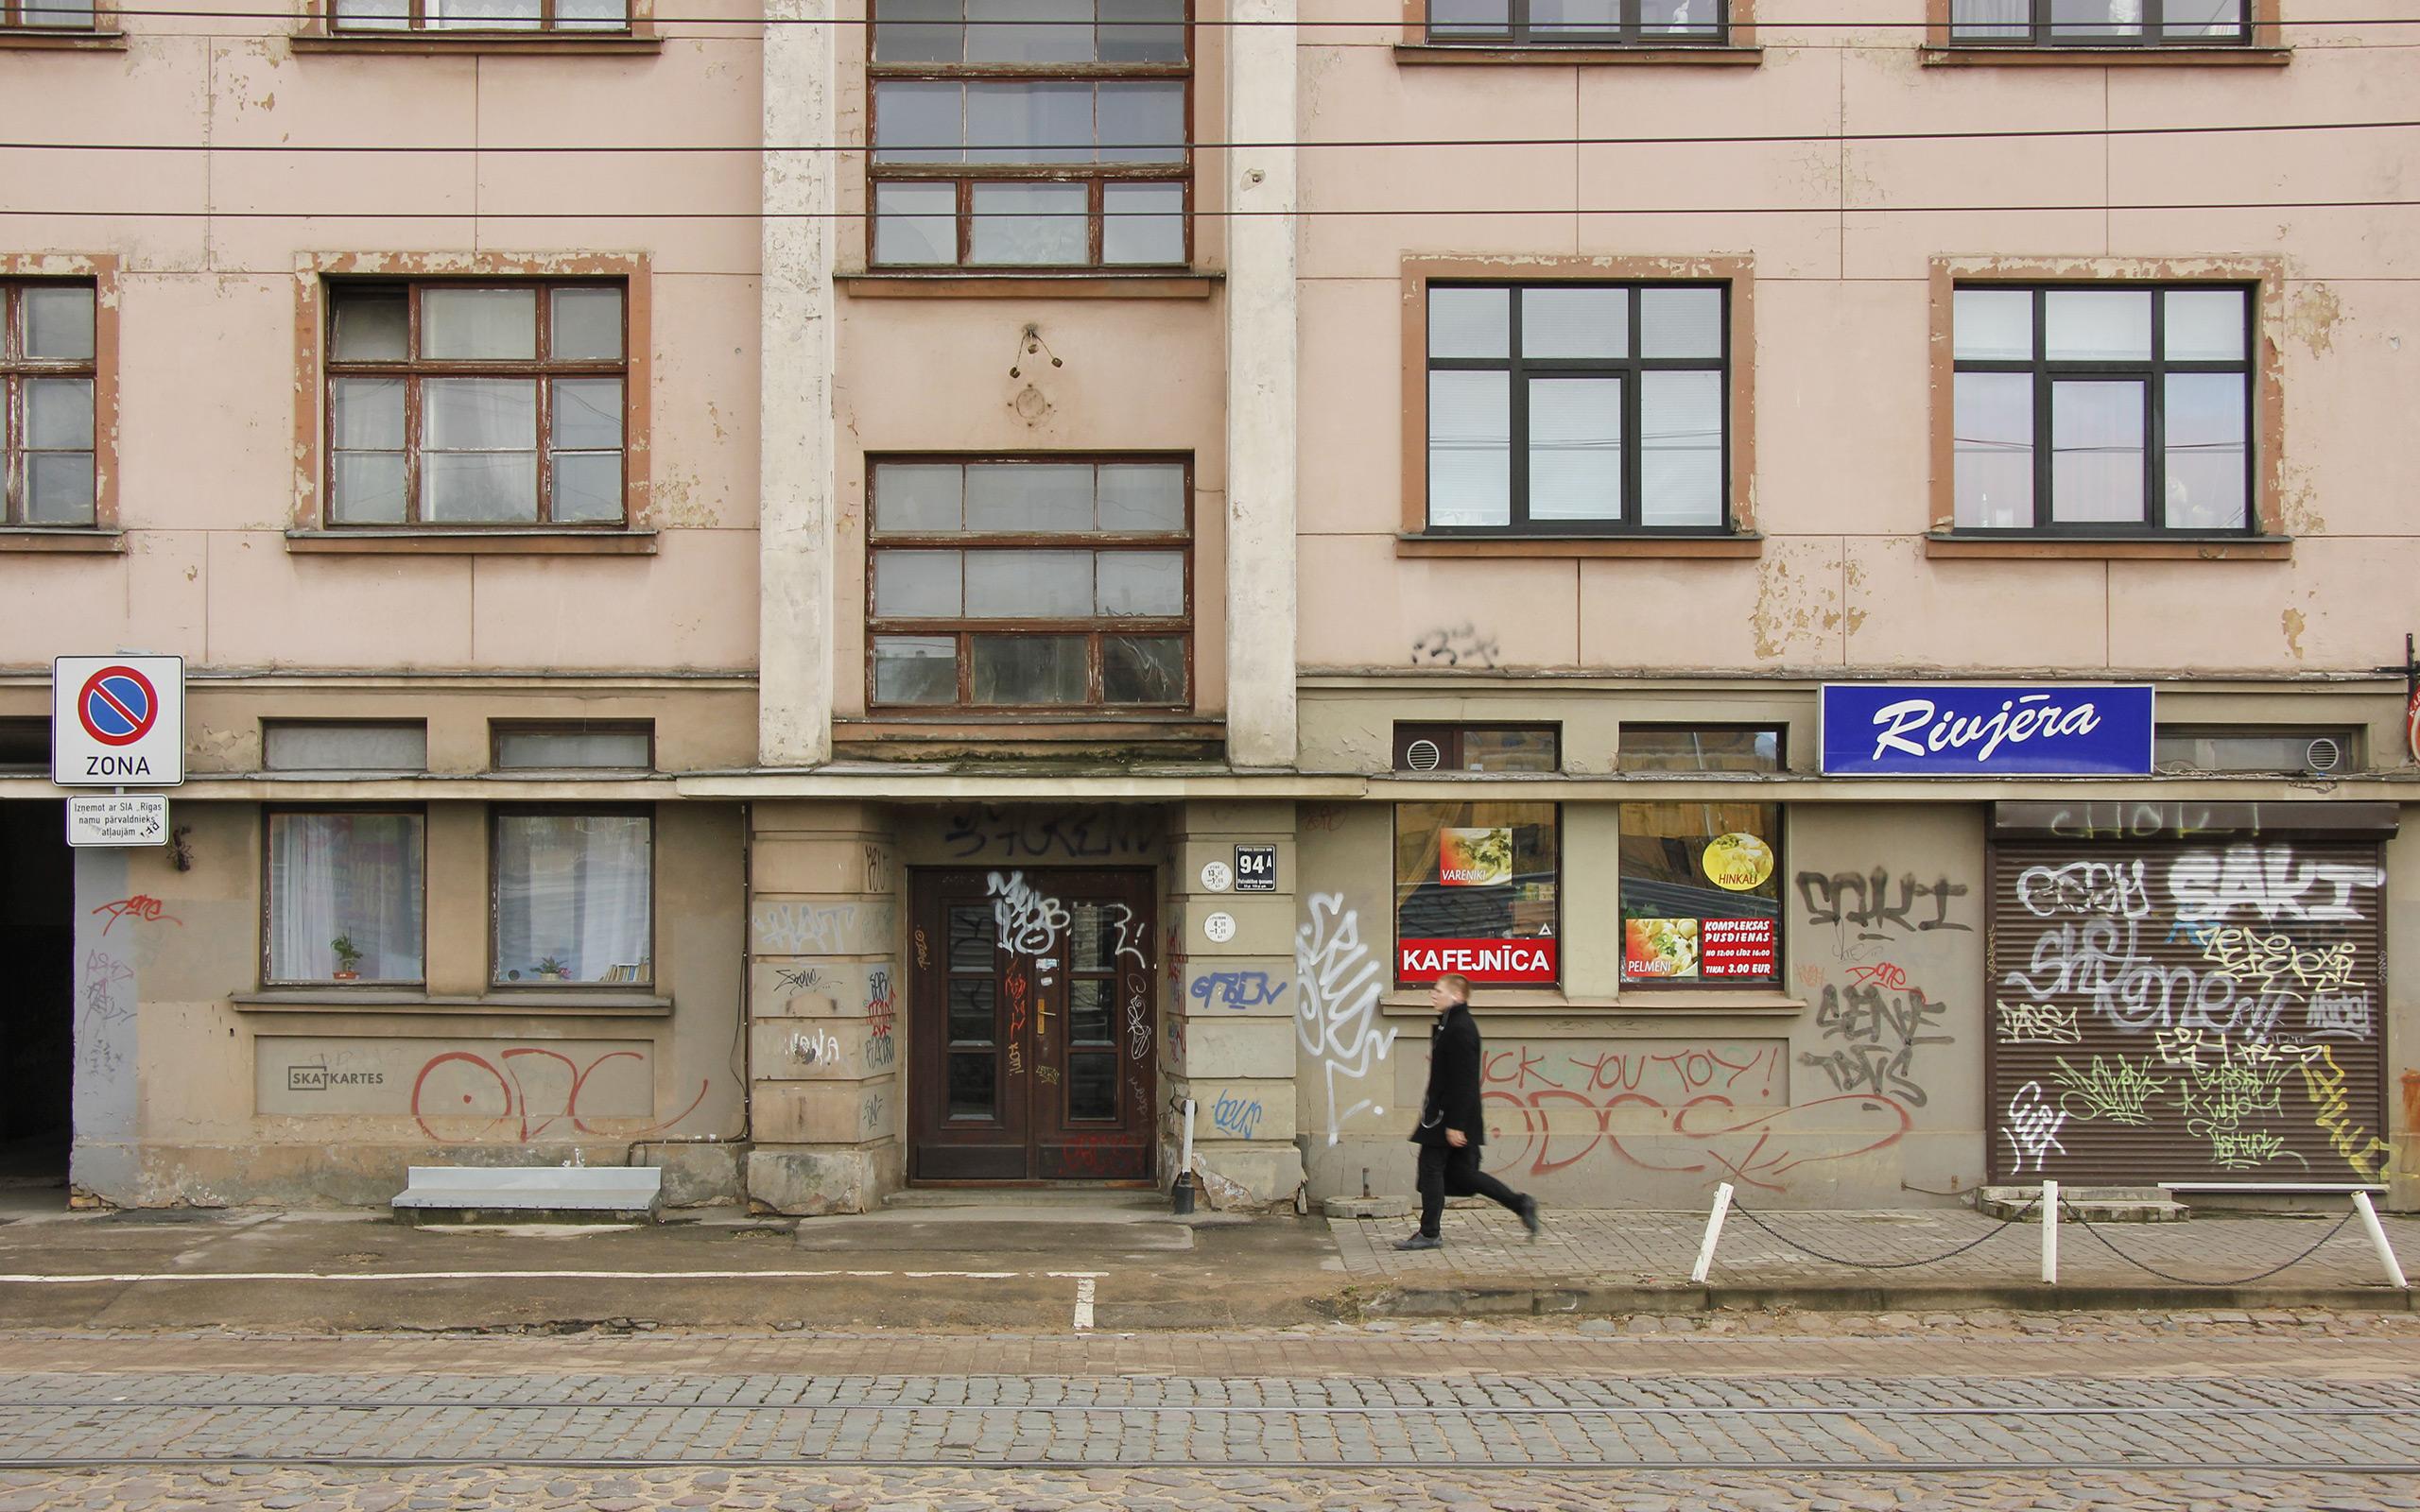 Skatkarte Nr. 1042-3 - Rīgas Sporta pils (2015. gada novembris).